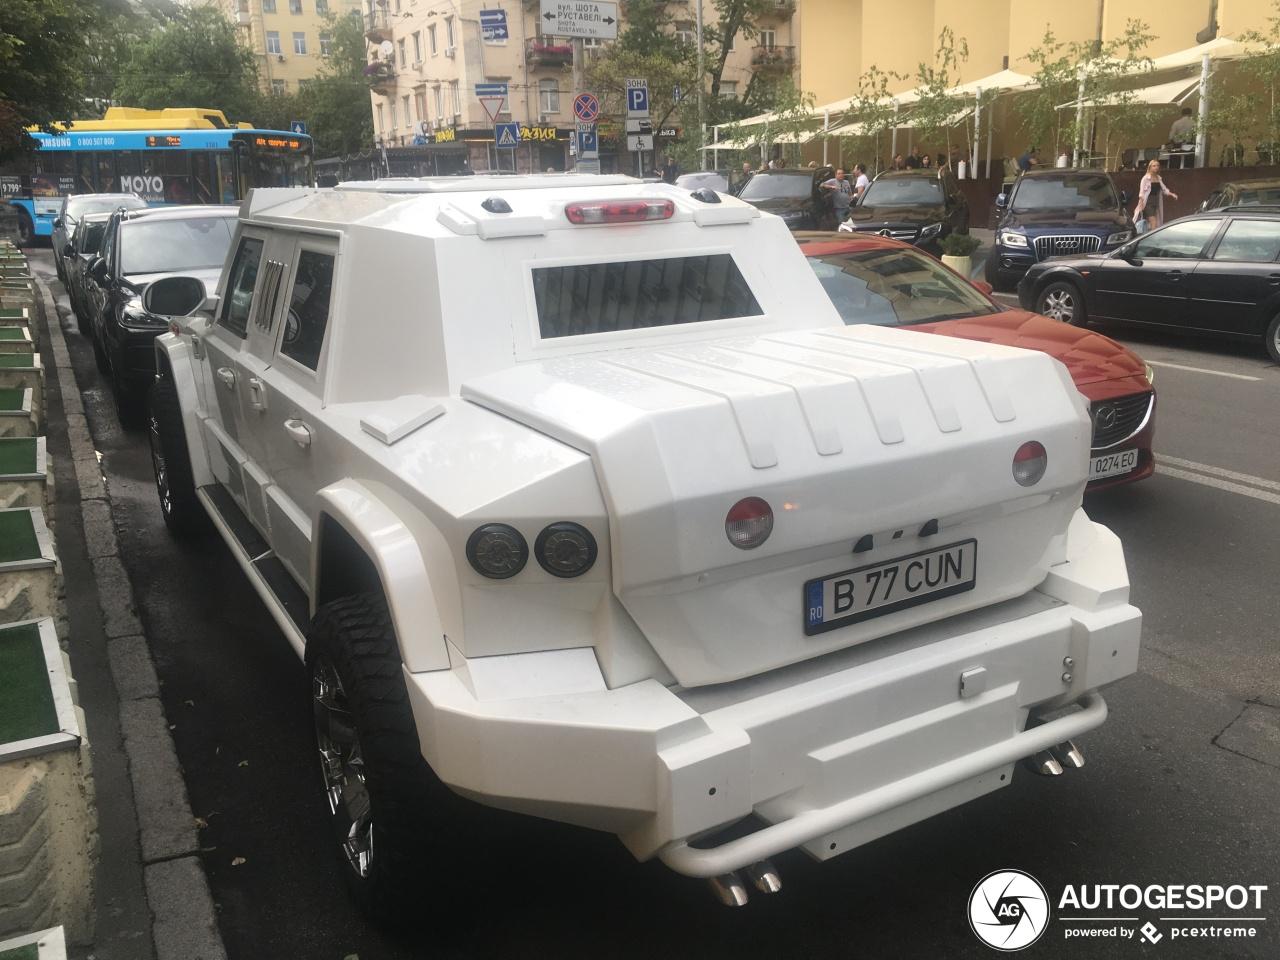 Эксклюзивный внедорожник Dartz сфотографировали в Киеве